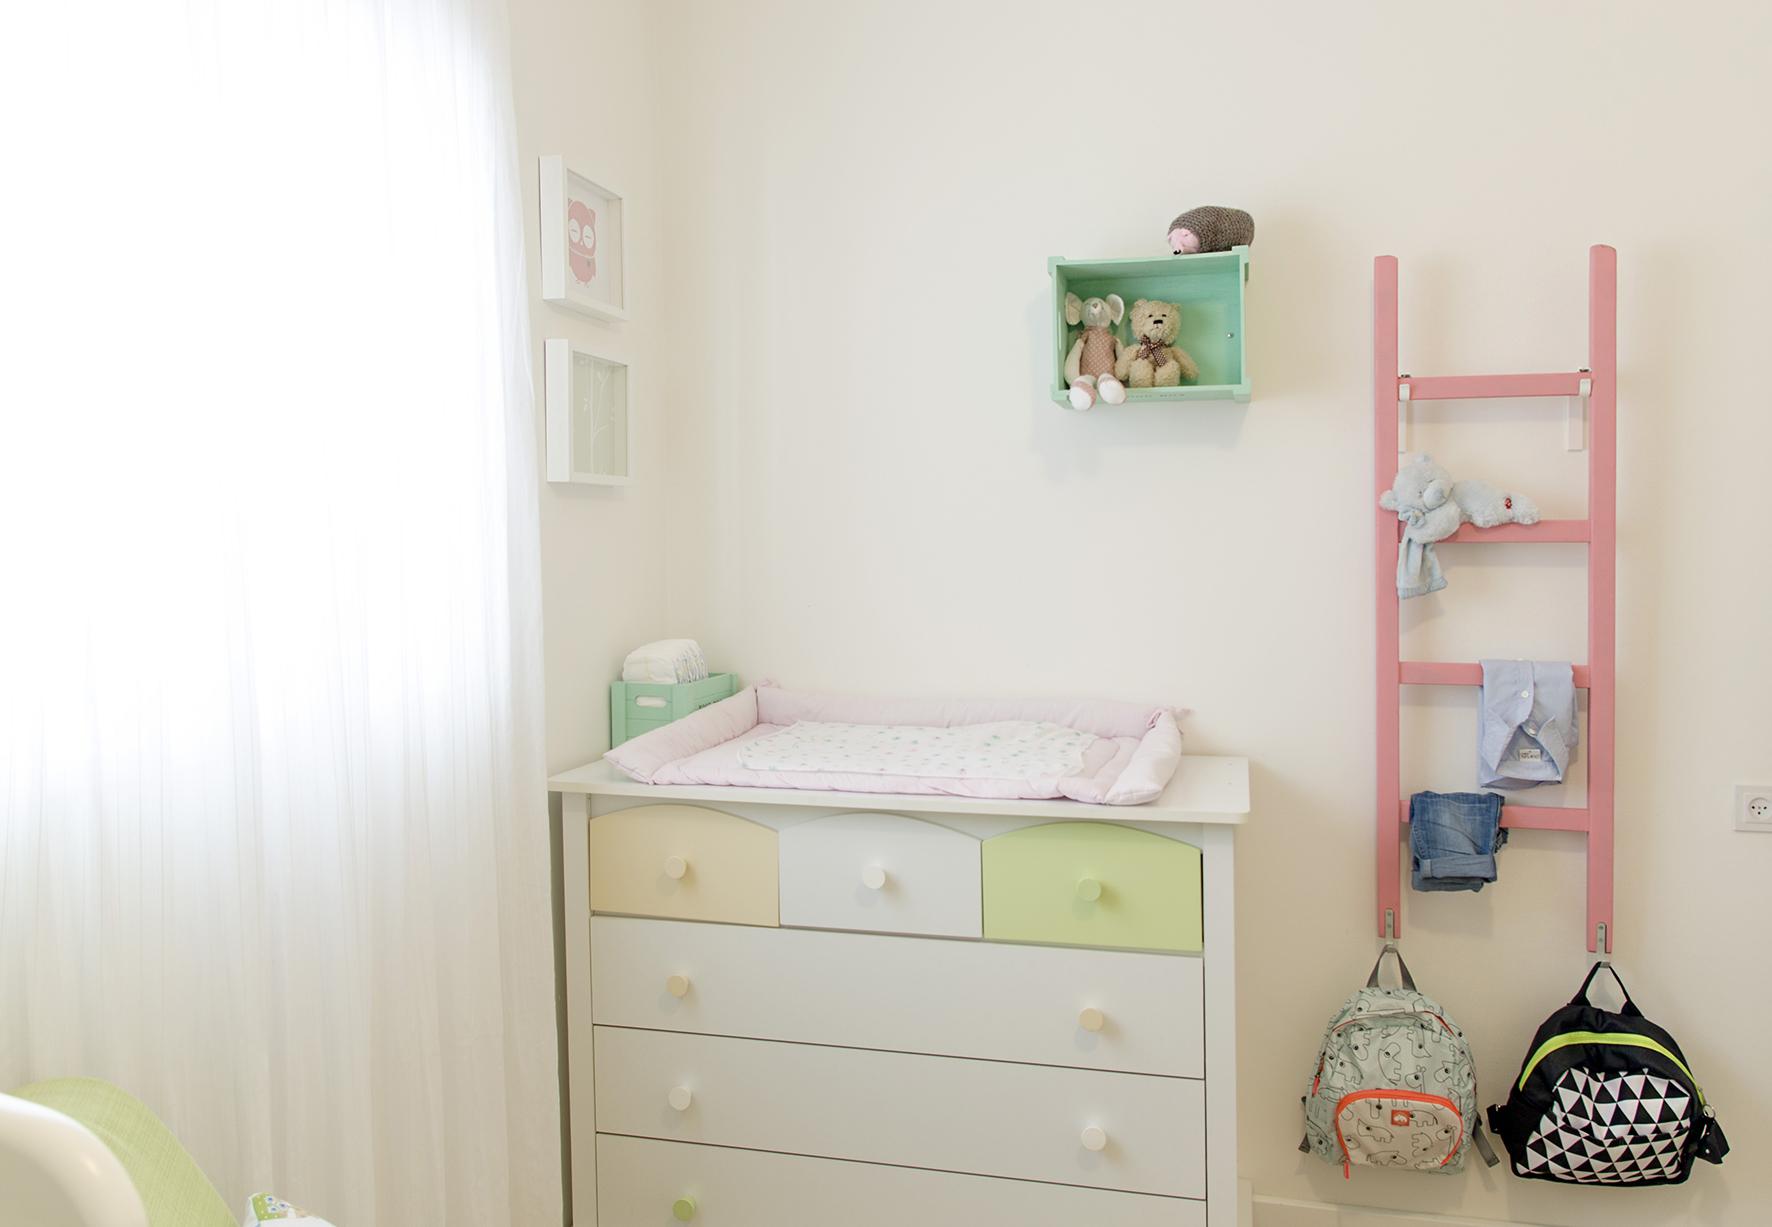 פינה בחדר שינה לבן ובת.jpg